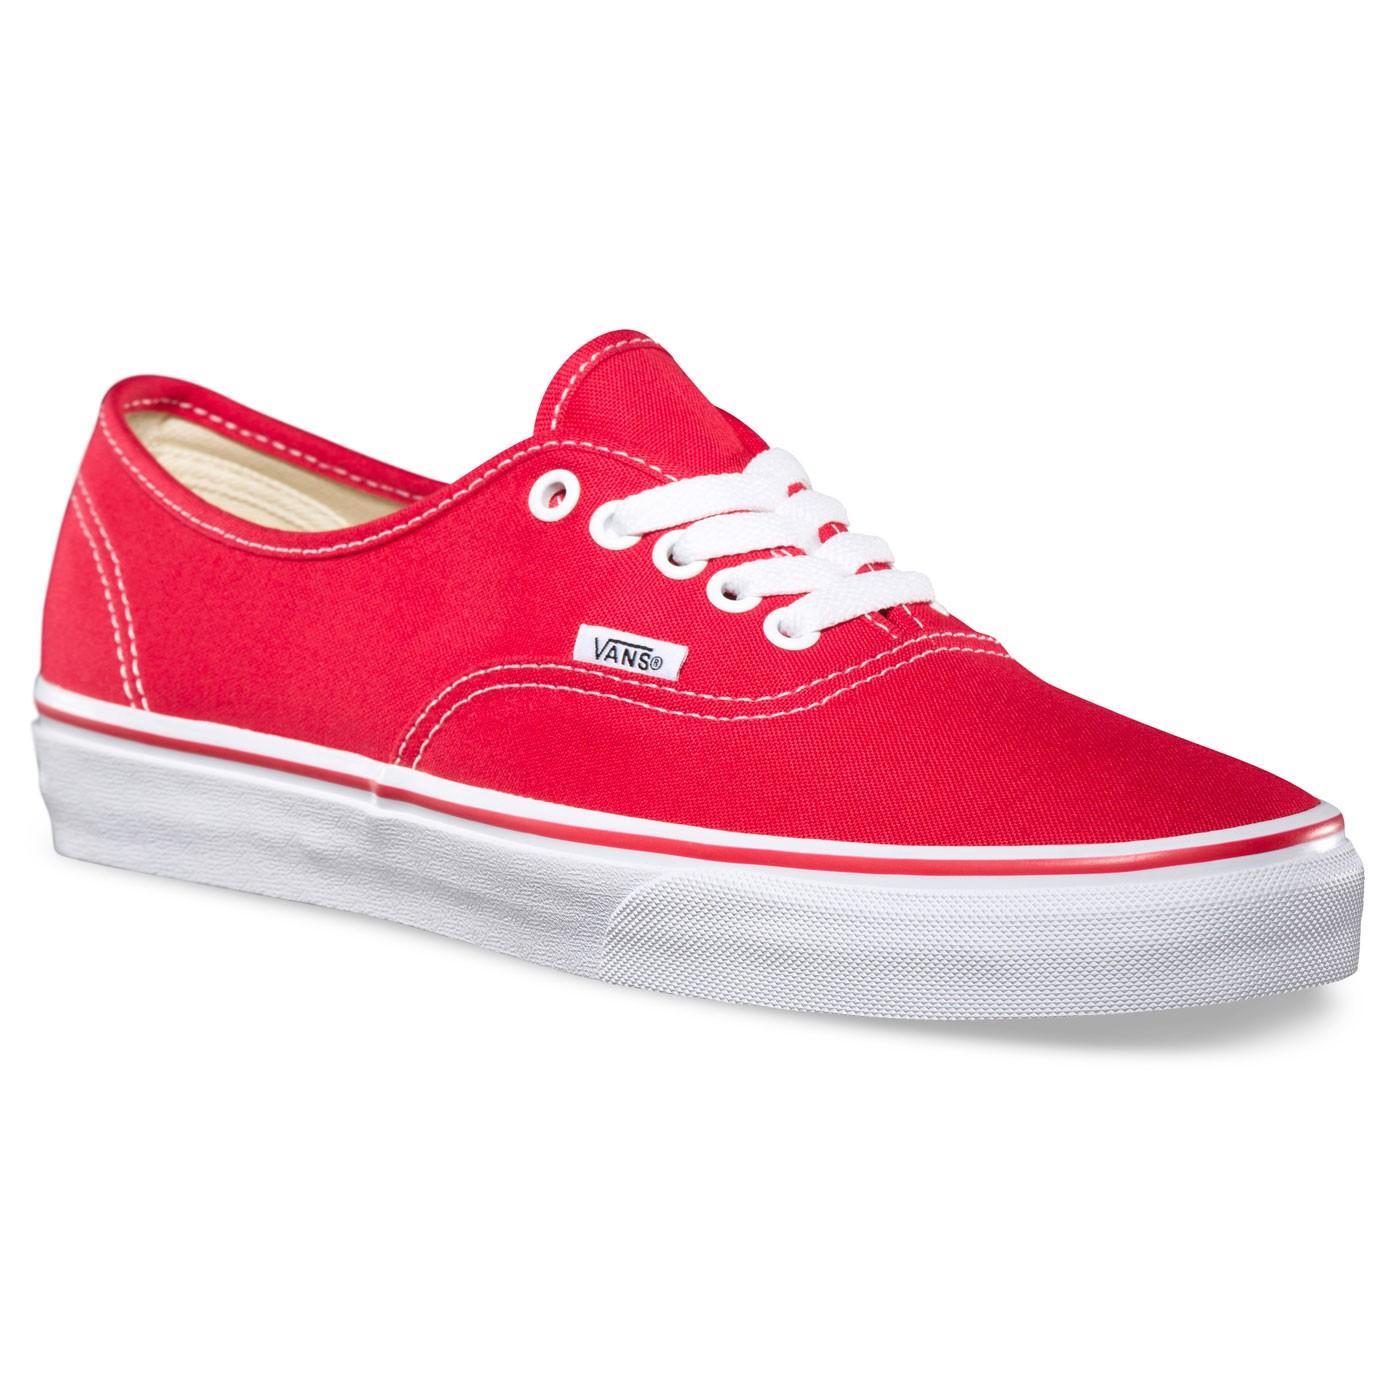 Tenisky Vans Authentic red